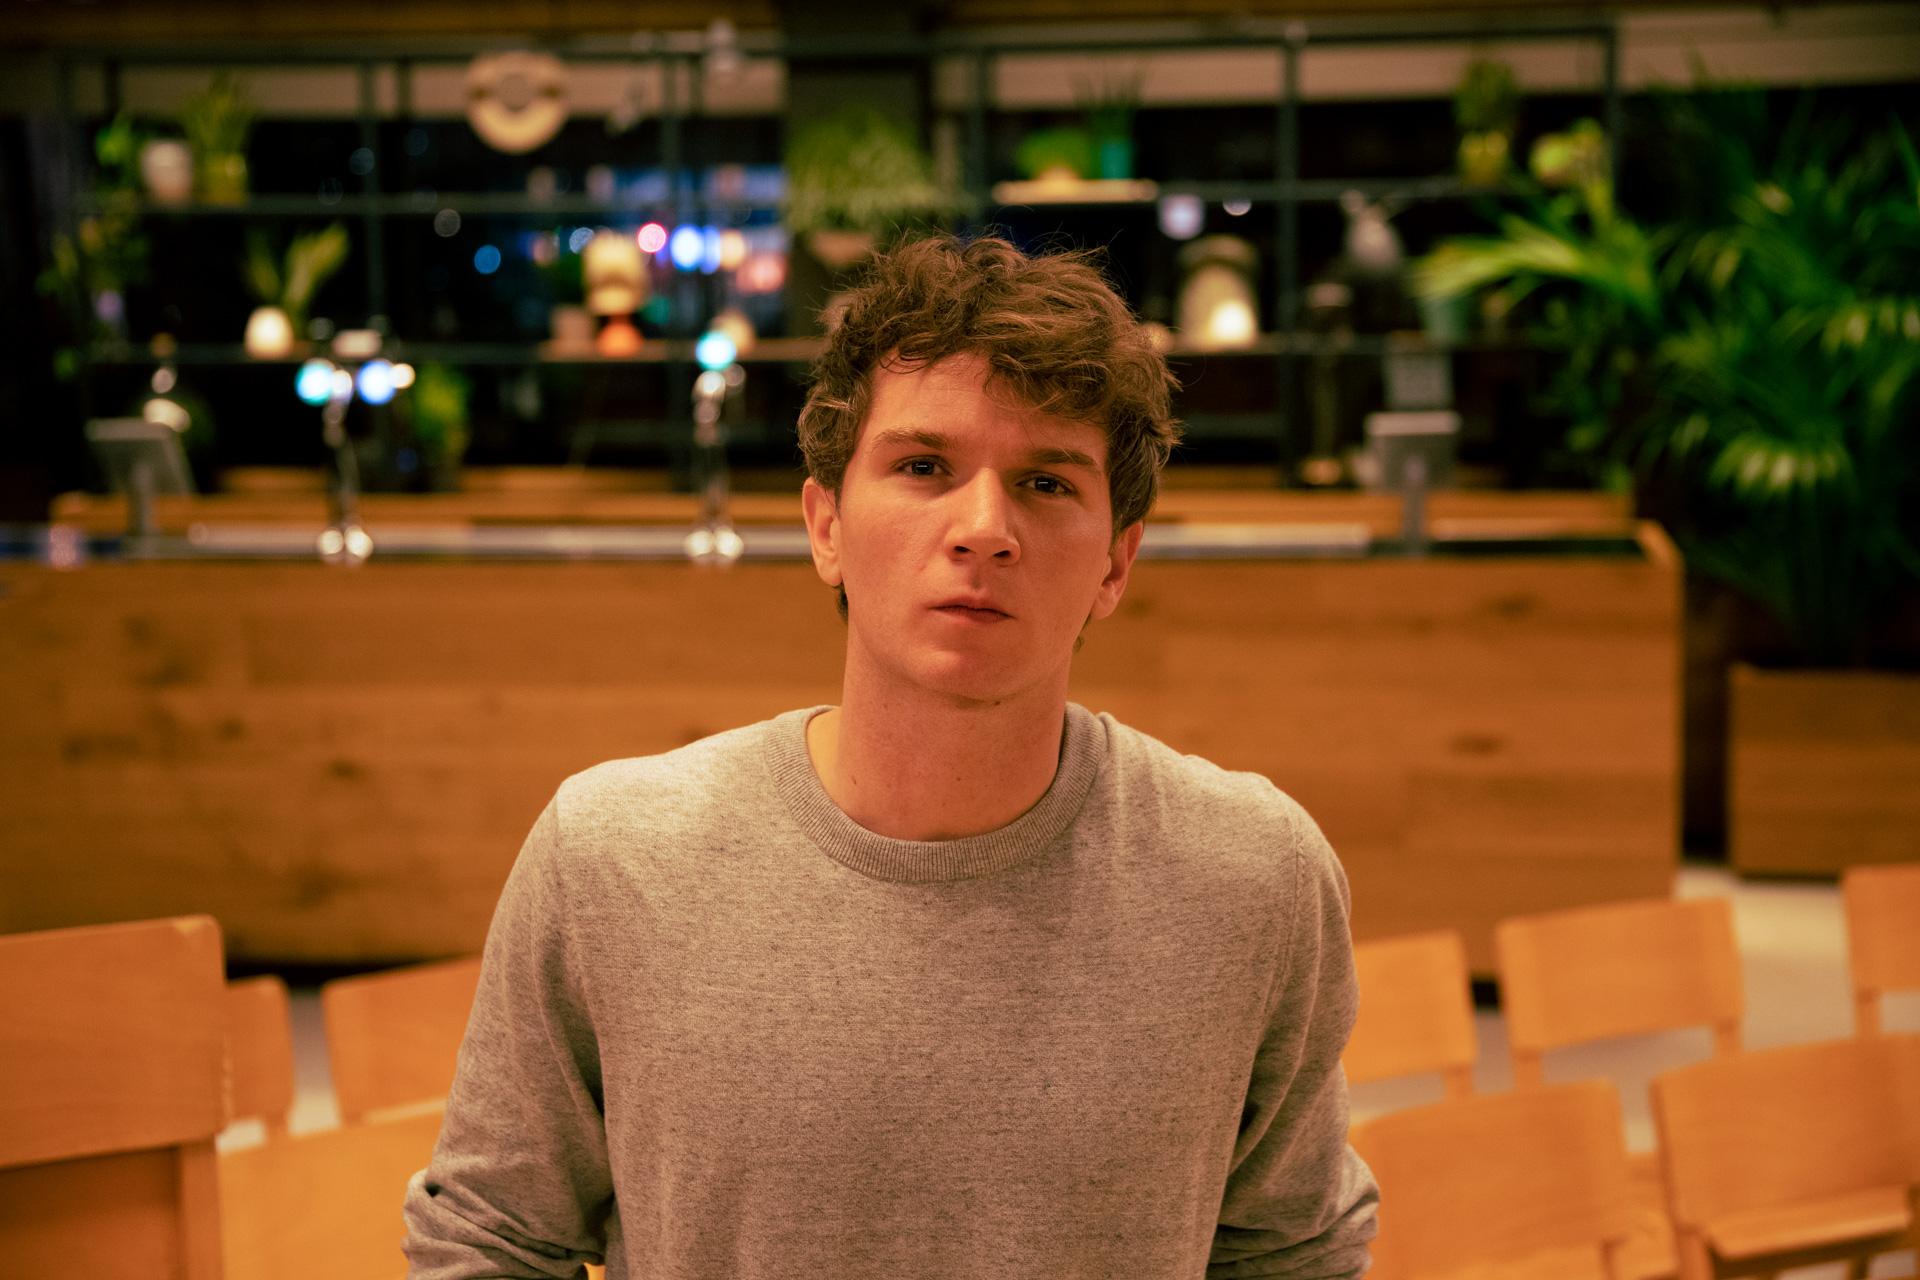 Ian Noe (Photo by Matthijs van der Ven for The Influences)